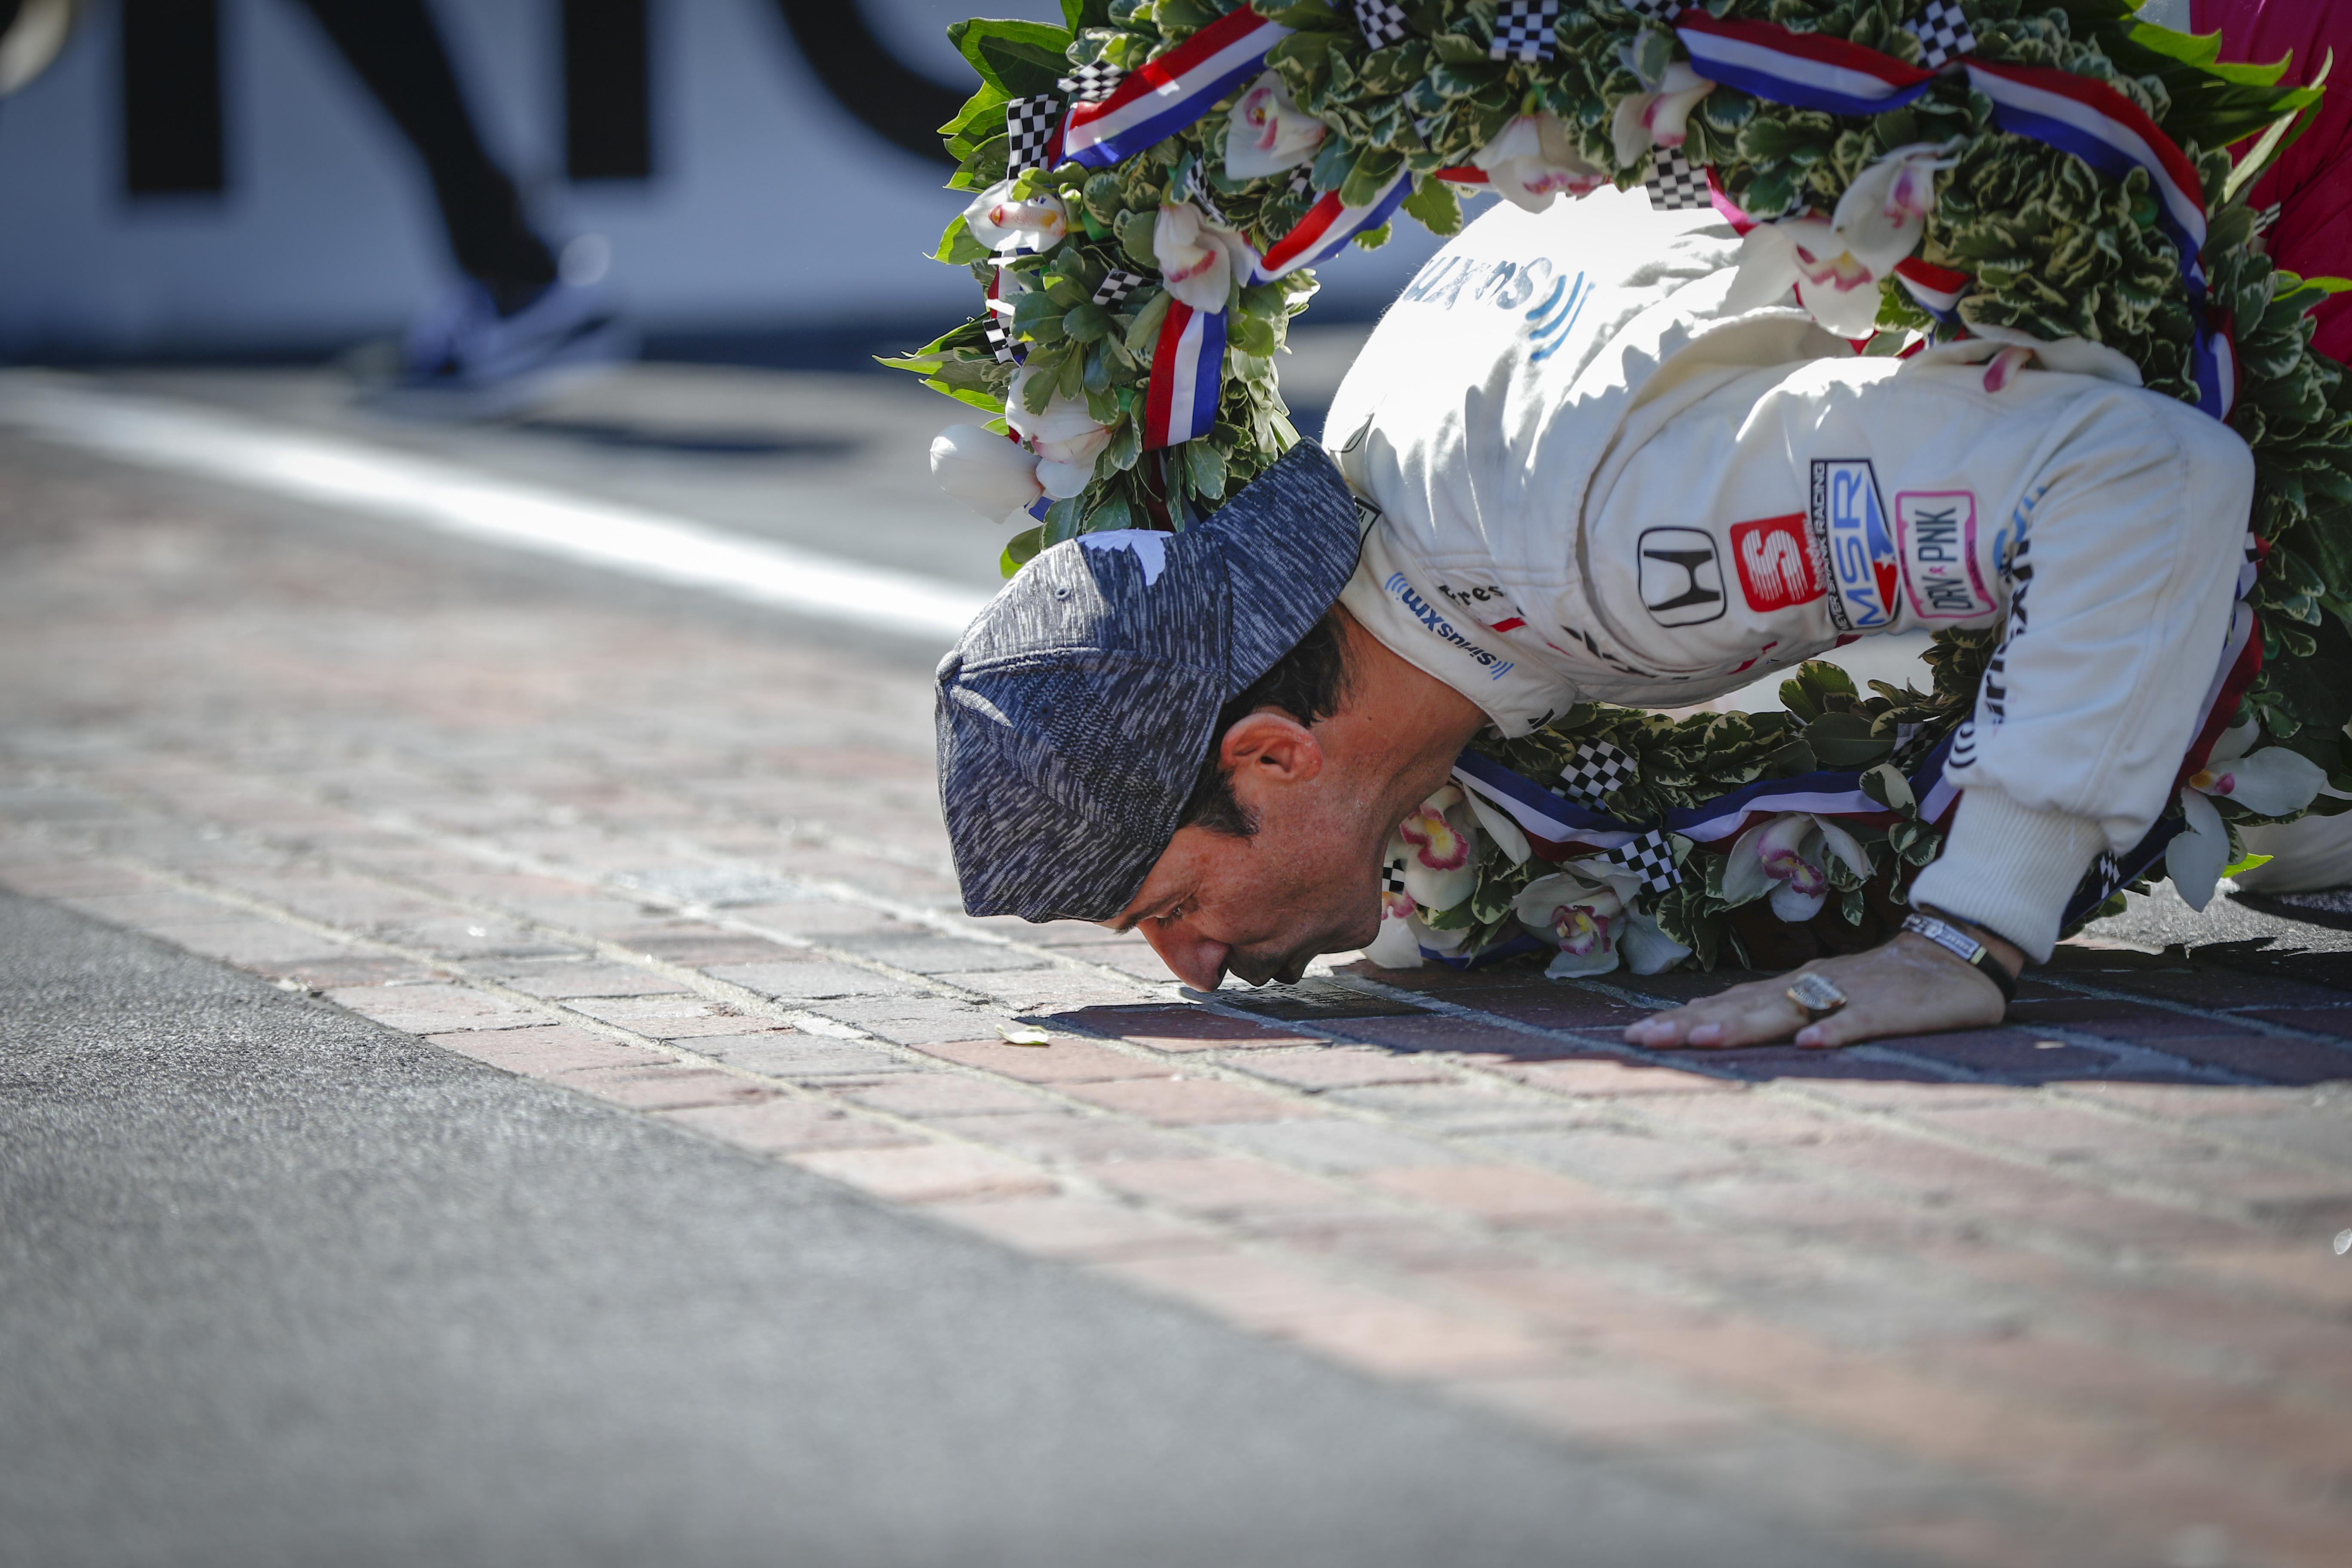 Elképesztően sokat kaszált az Indy 500 győztese